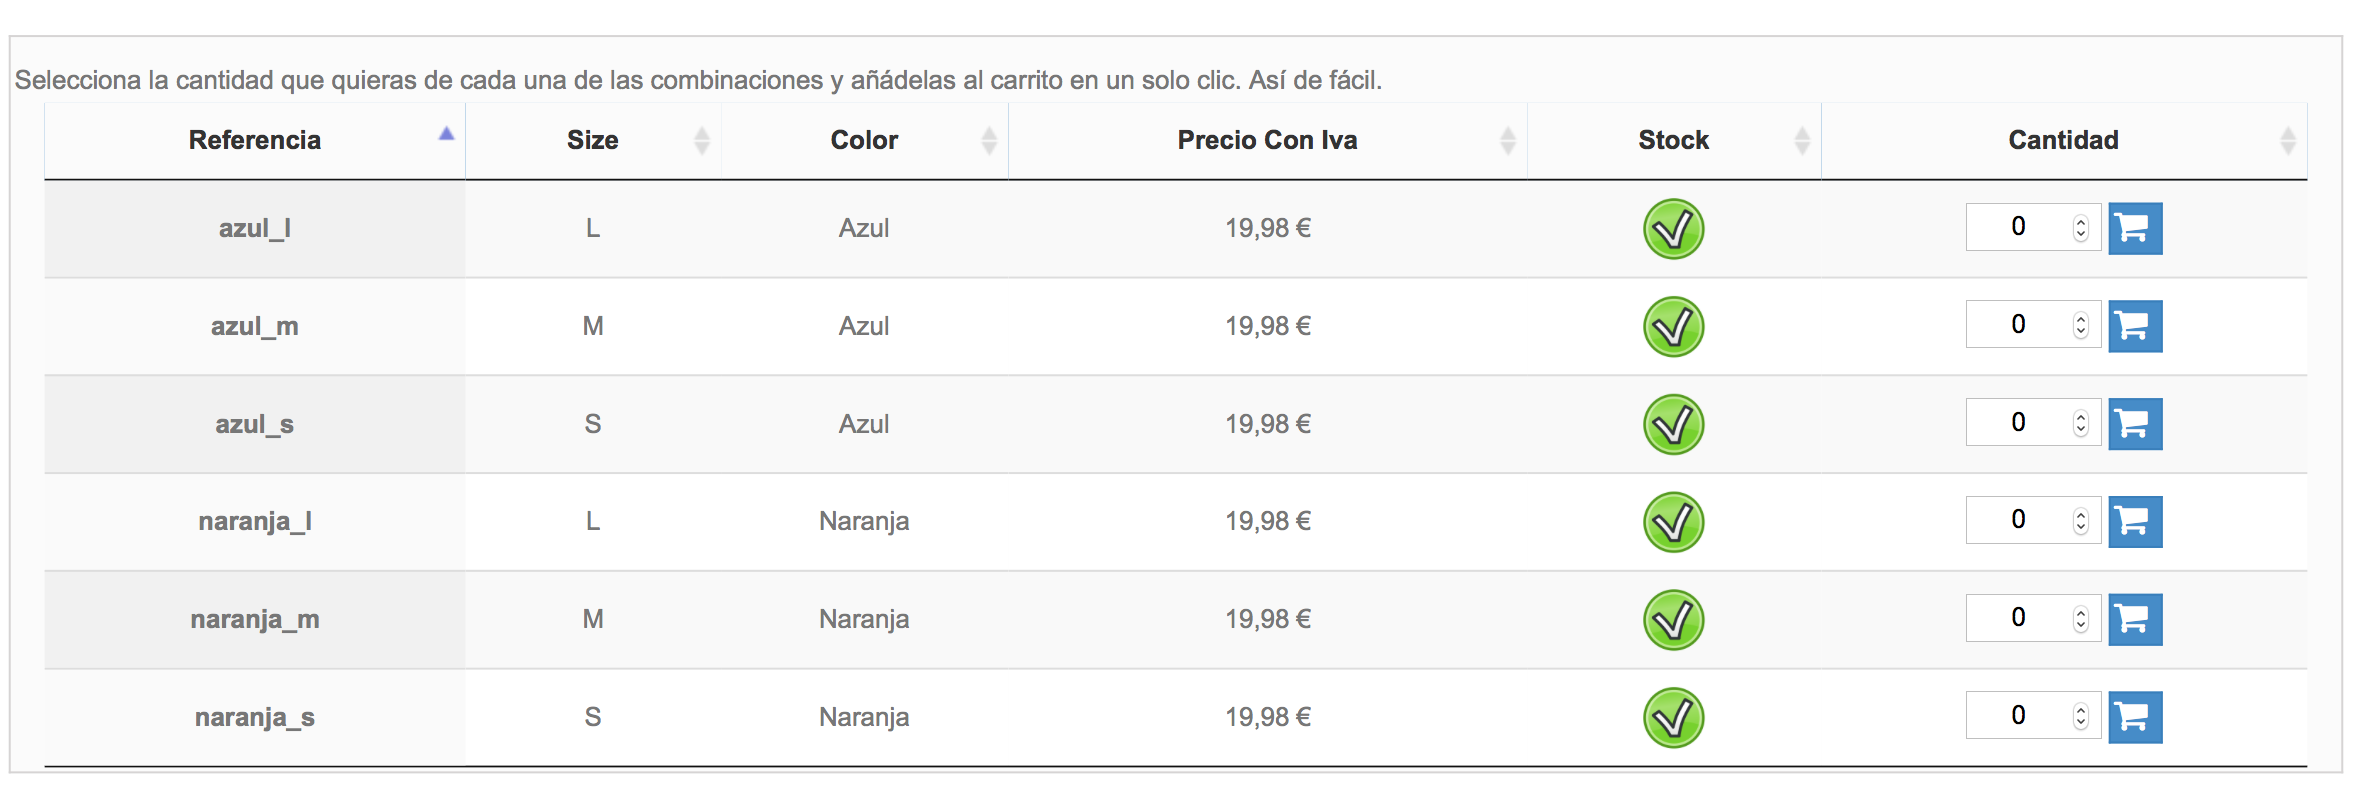 Tabla con referencia, precio con IVA incluido, stock mostrado mediante icono, el carrito por línea y filtro activo: